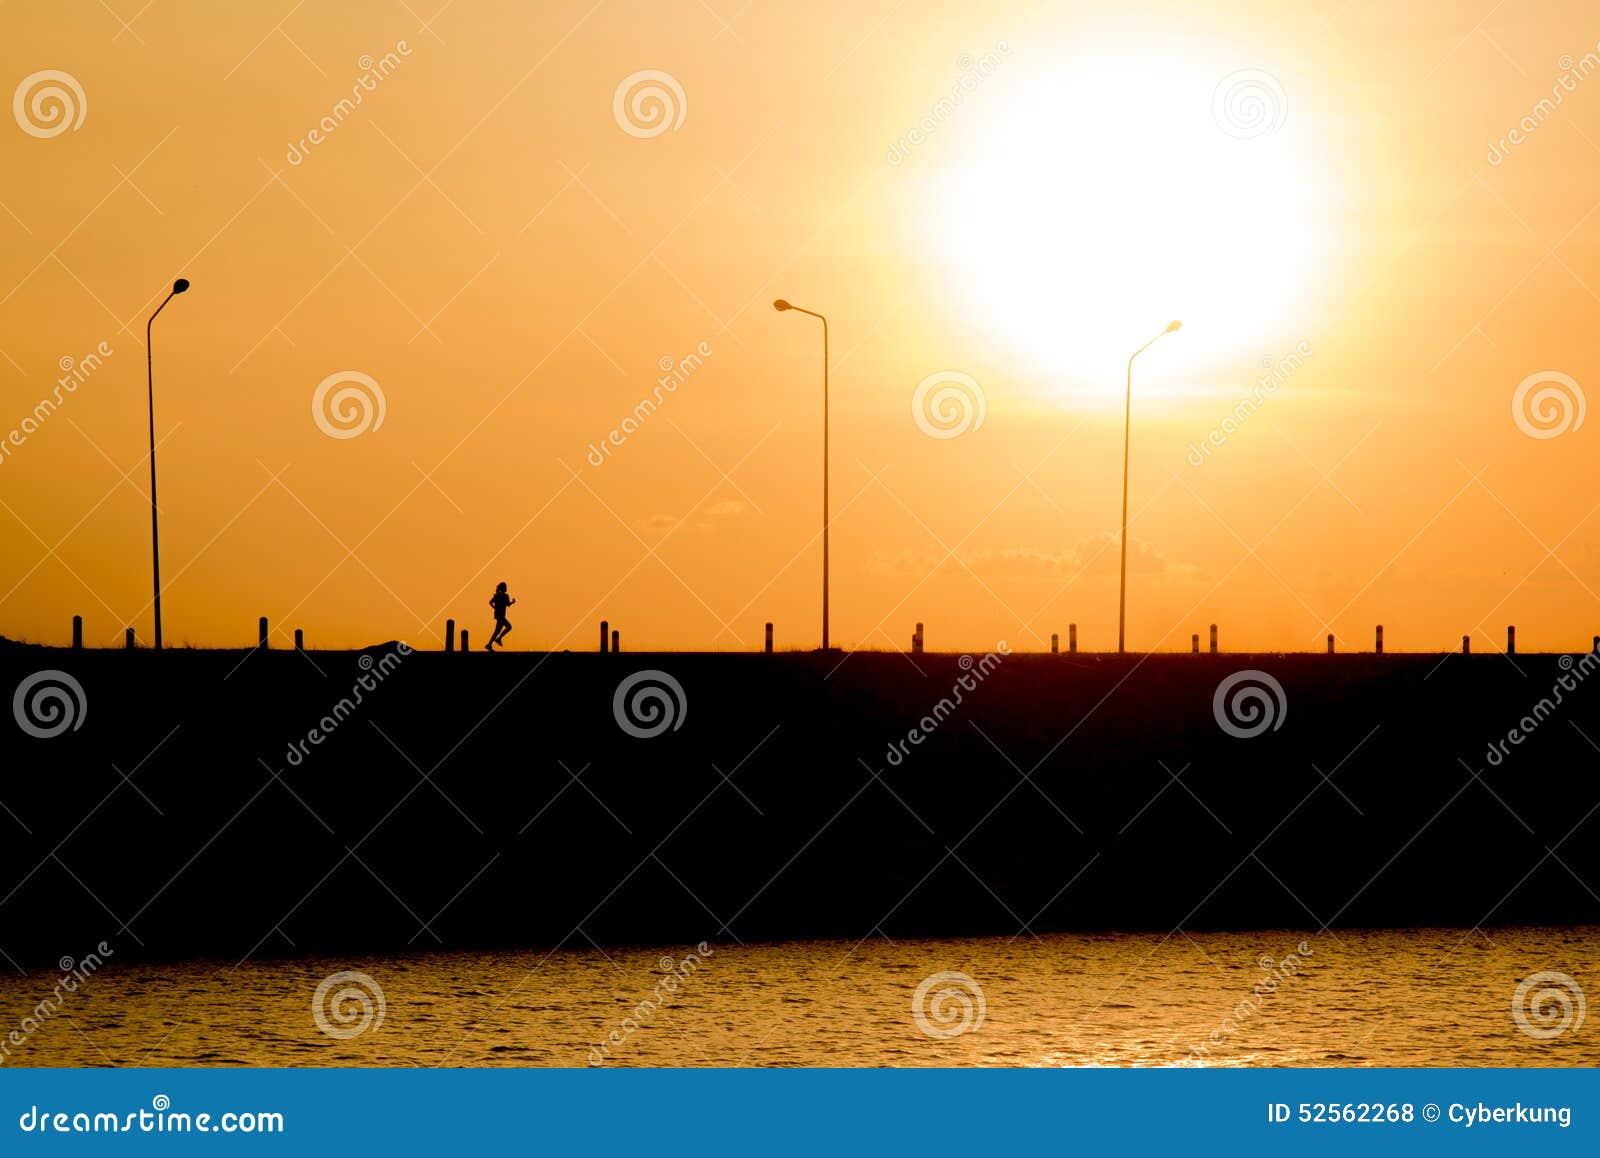 La mujer está corriendo en la puesta del sol (la silueta)